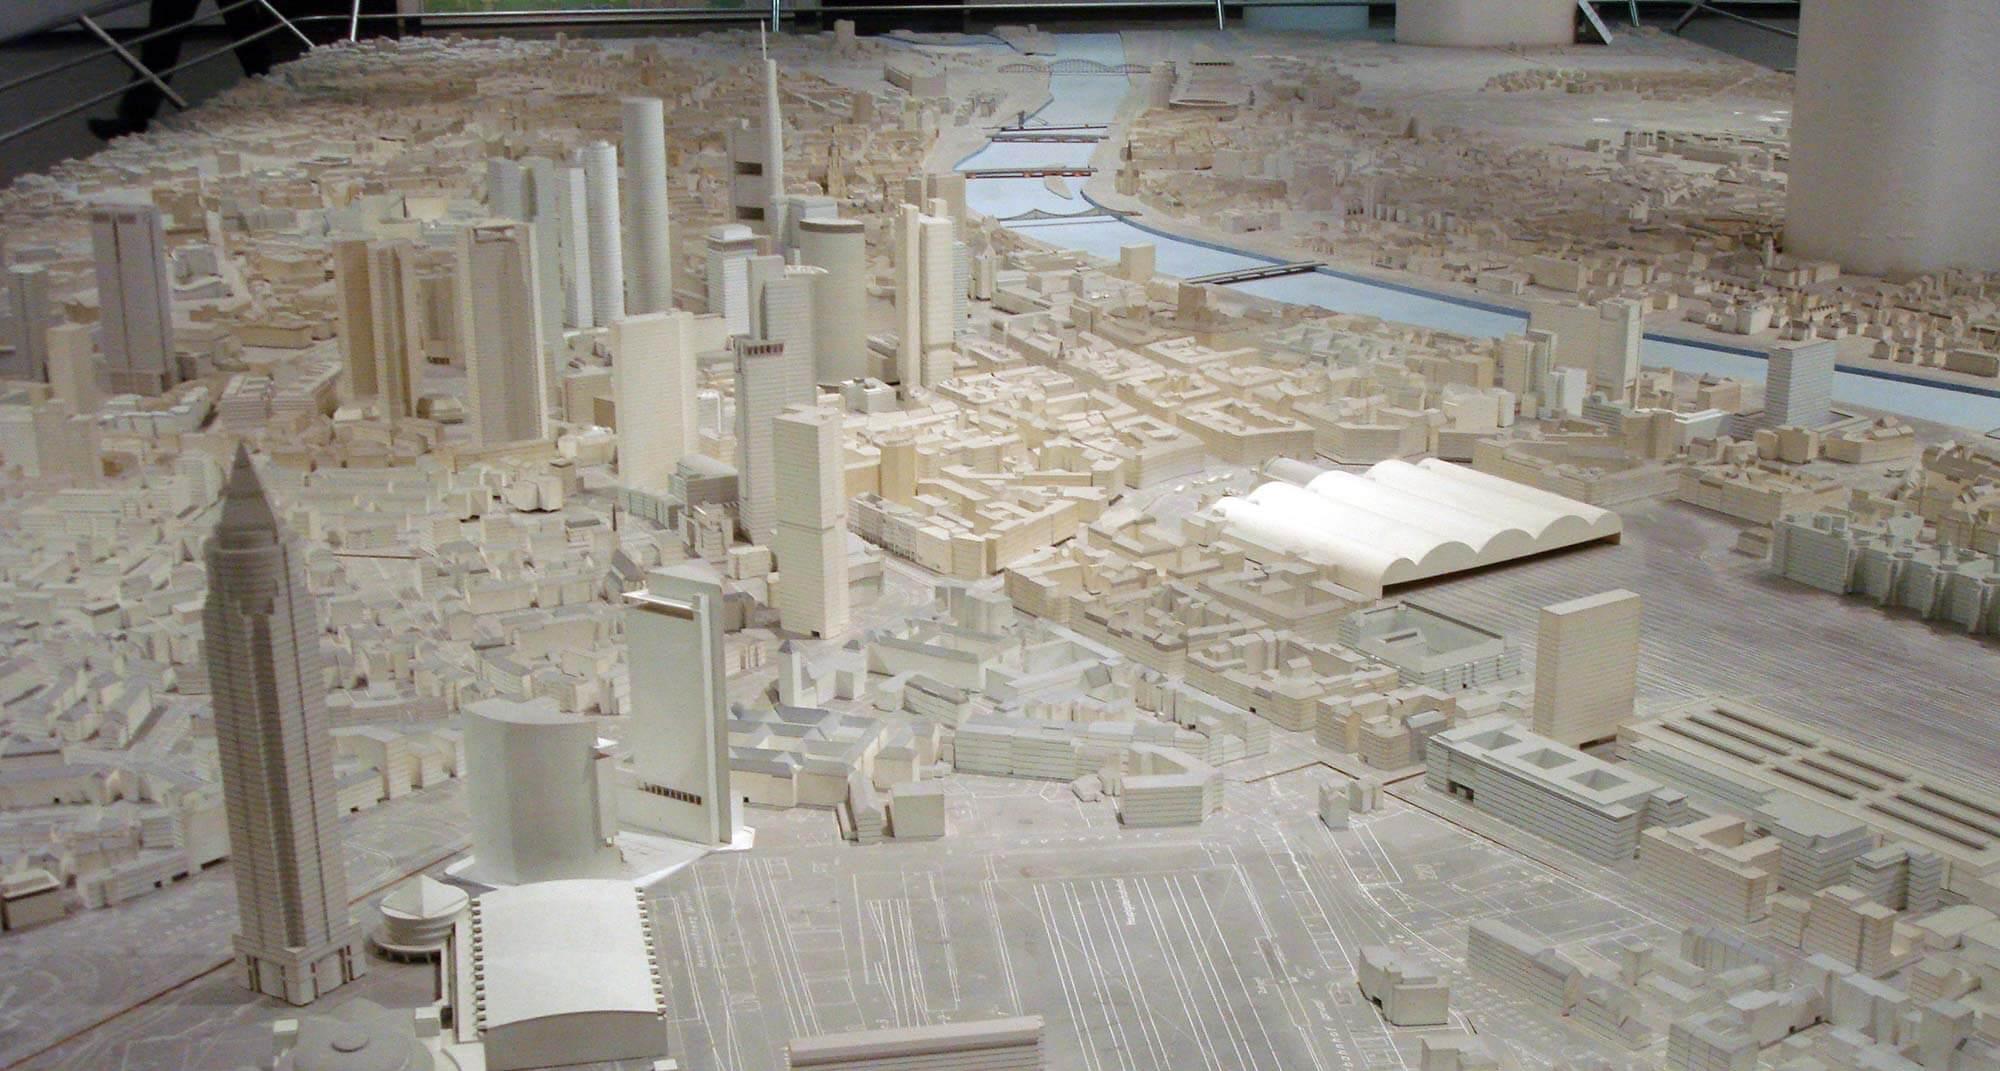 Stadtmodell Frankfurt im Stadtplanungsamt